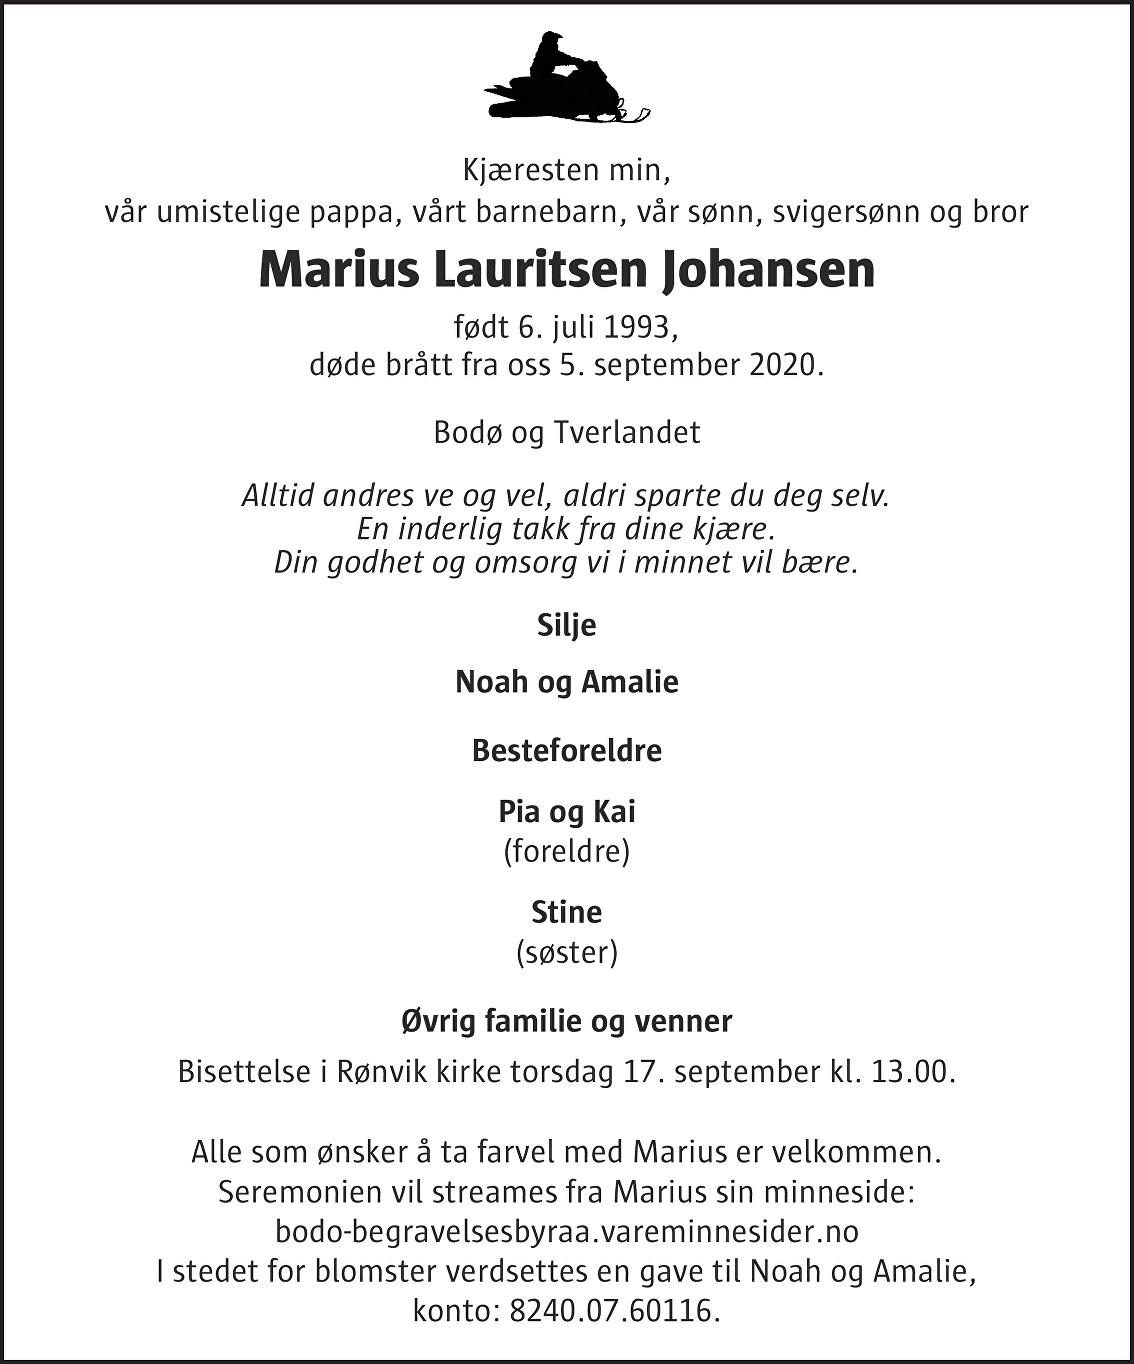 Marius Lauritsen Johansen Dødsannonse